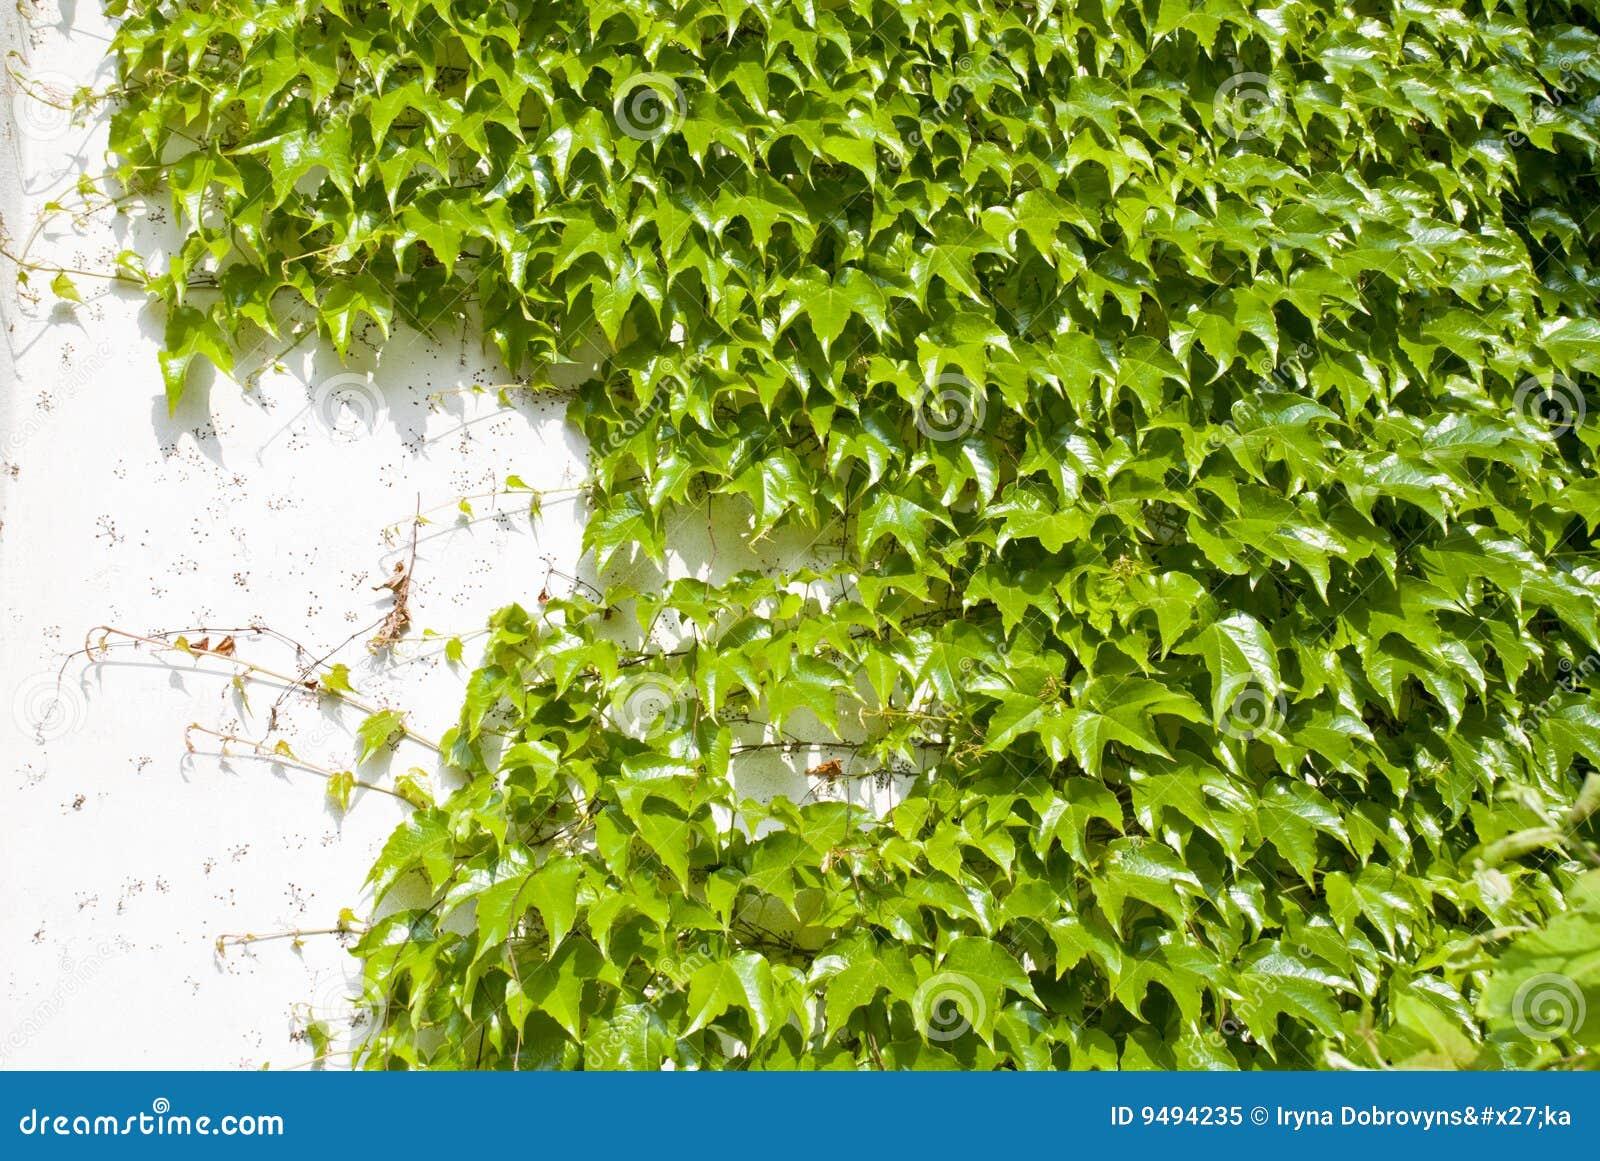 De groene klimop en de witte muur